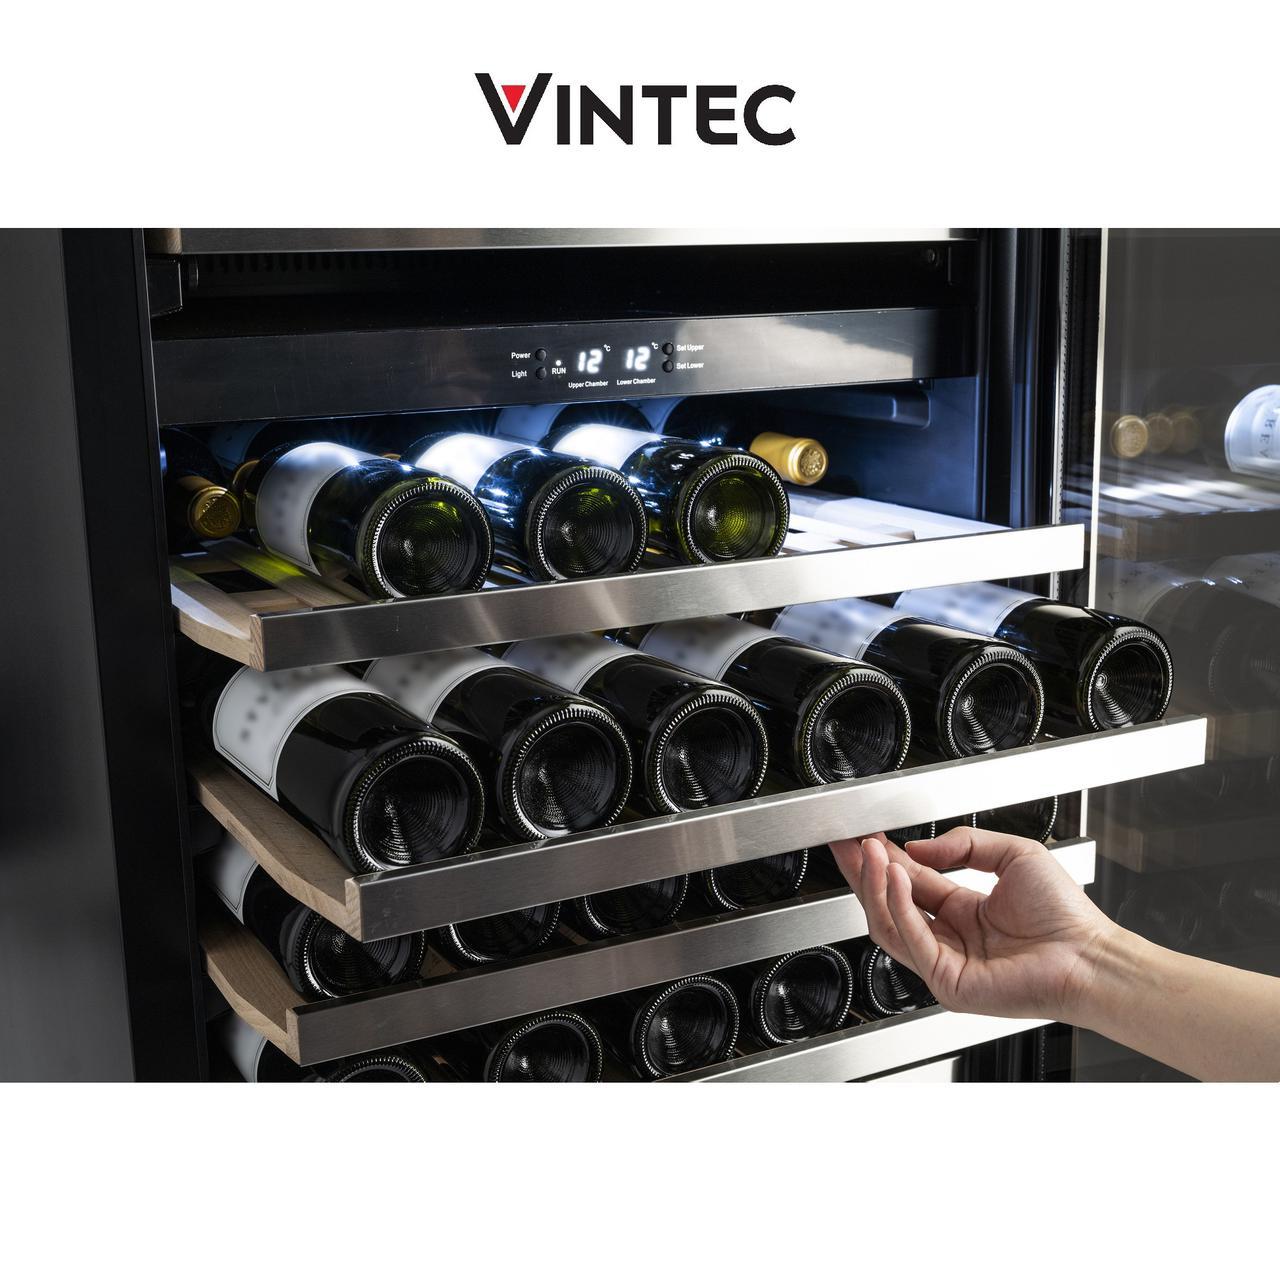 画像2: 「ヴァンテック」1台で2温度帯を管理できるワインセラー登場! 7月30日発売